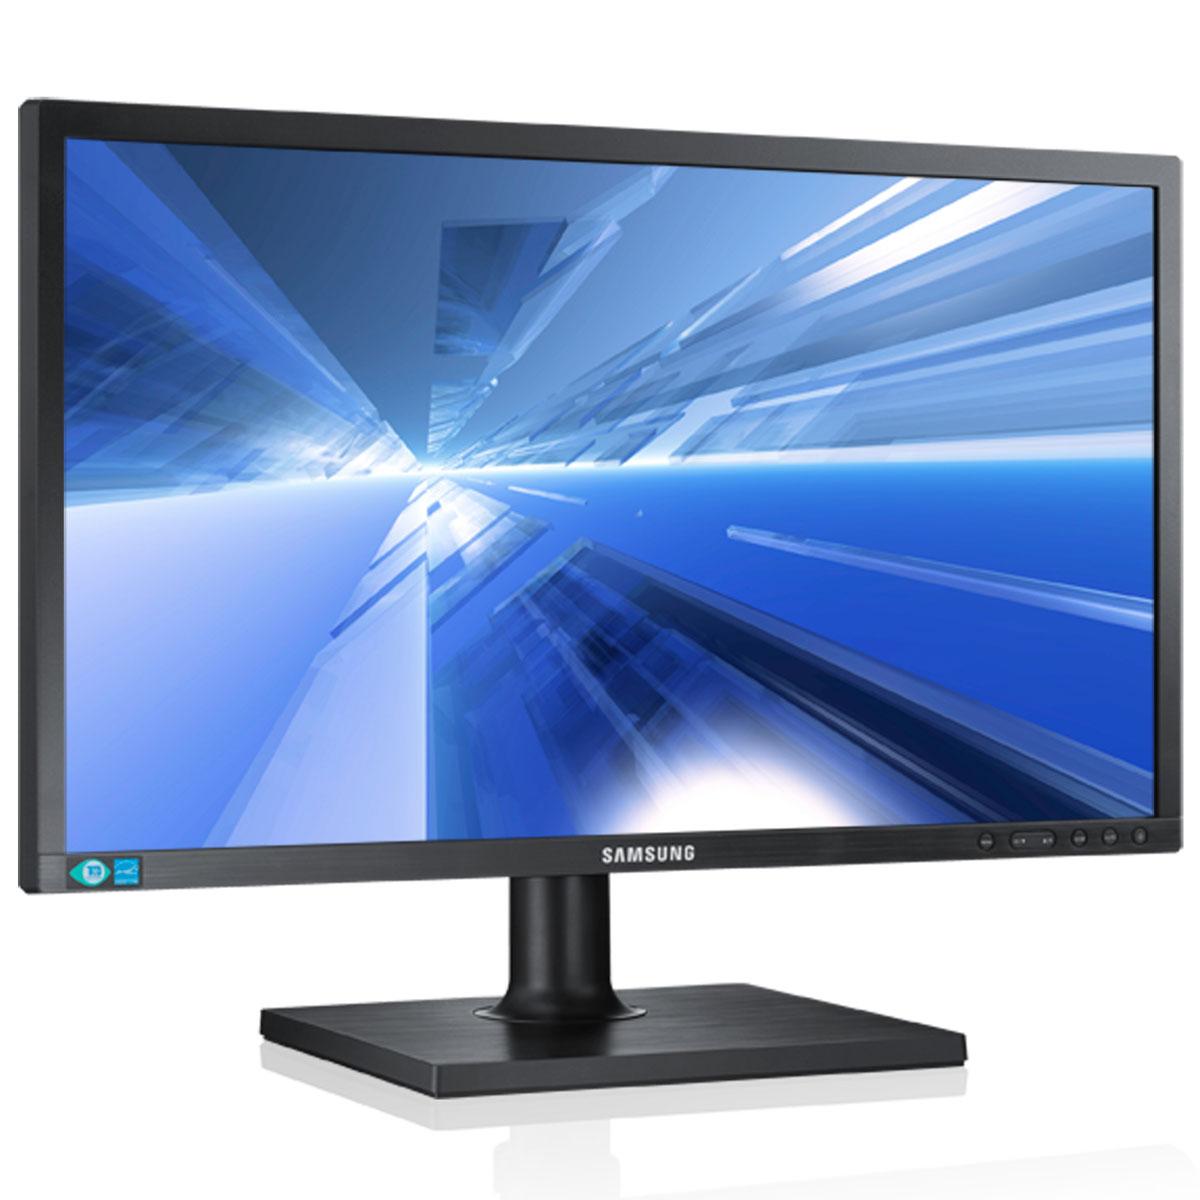 samsung 24 led syncmaster s24c450b ecran pc samsung sur. Black Bedroom Furniture Sets. Home Design Ideas